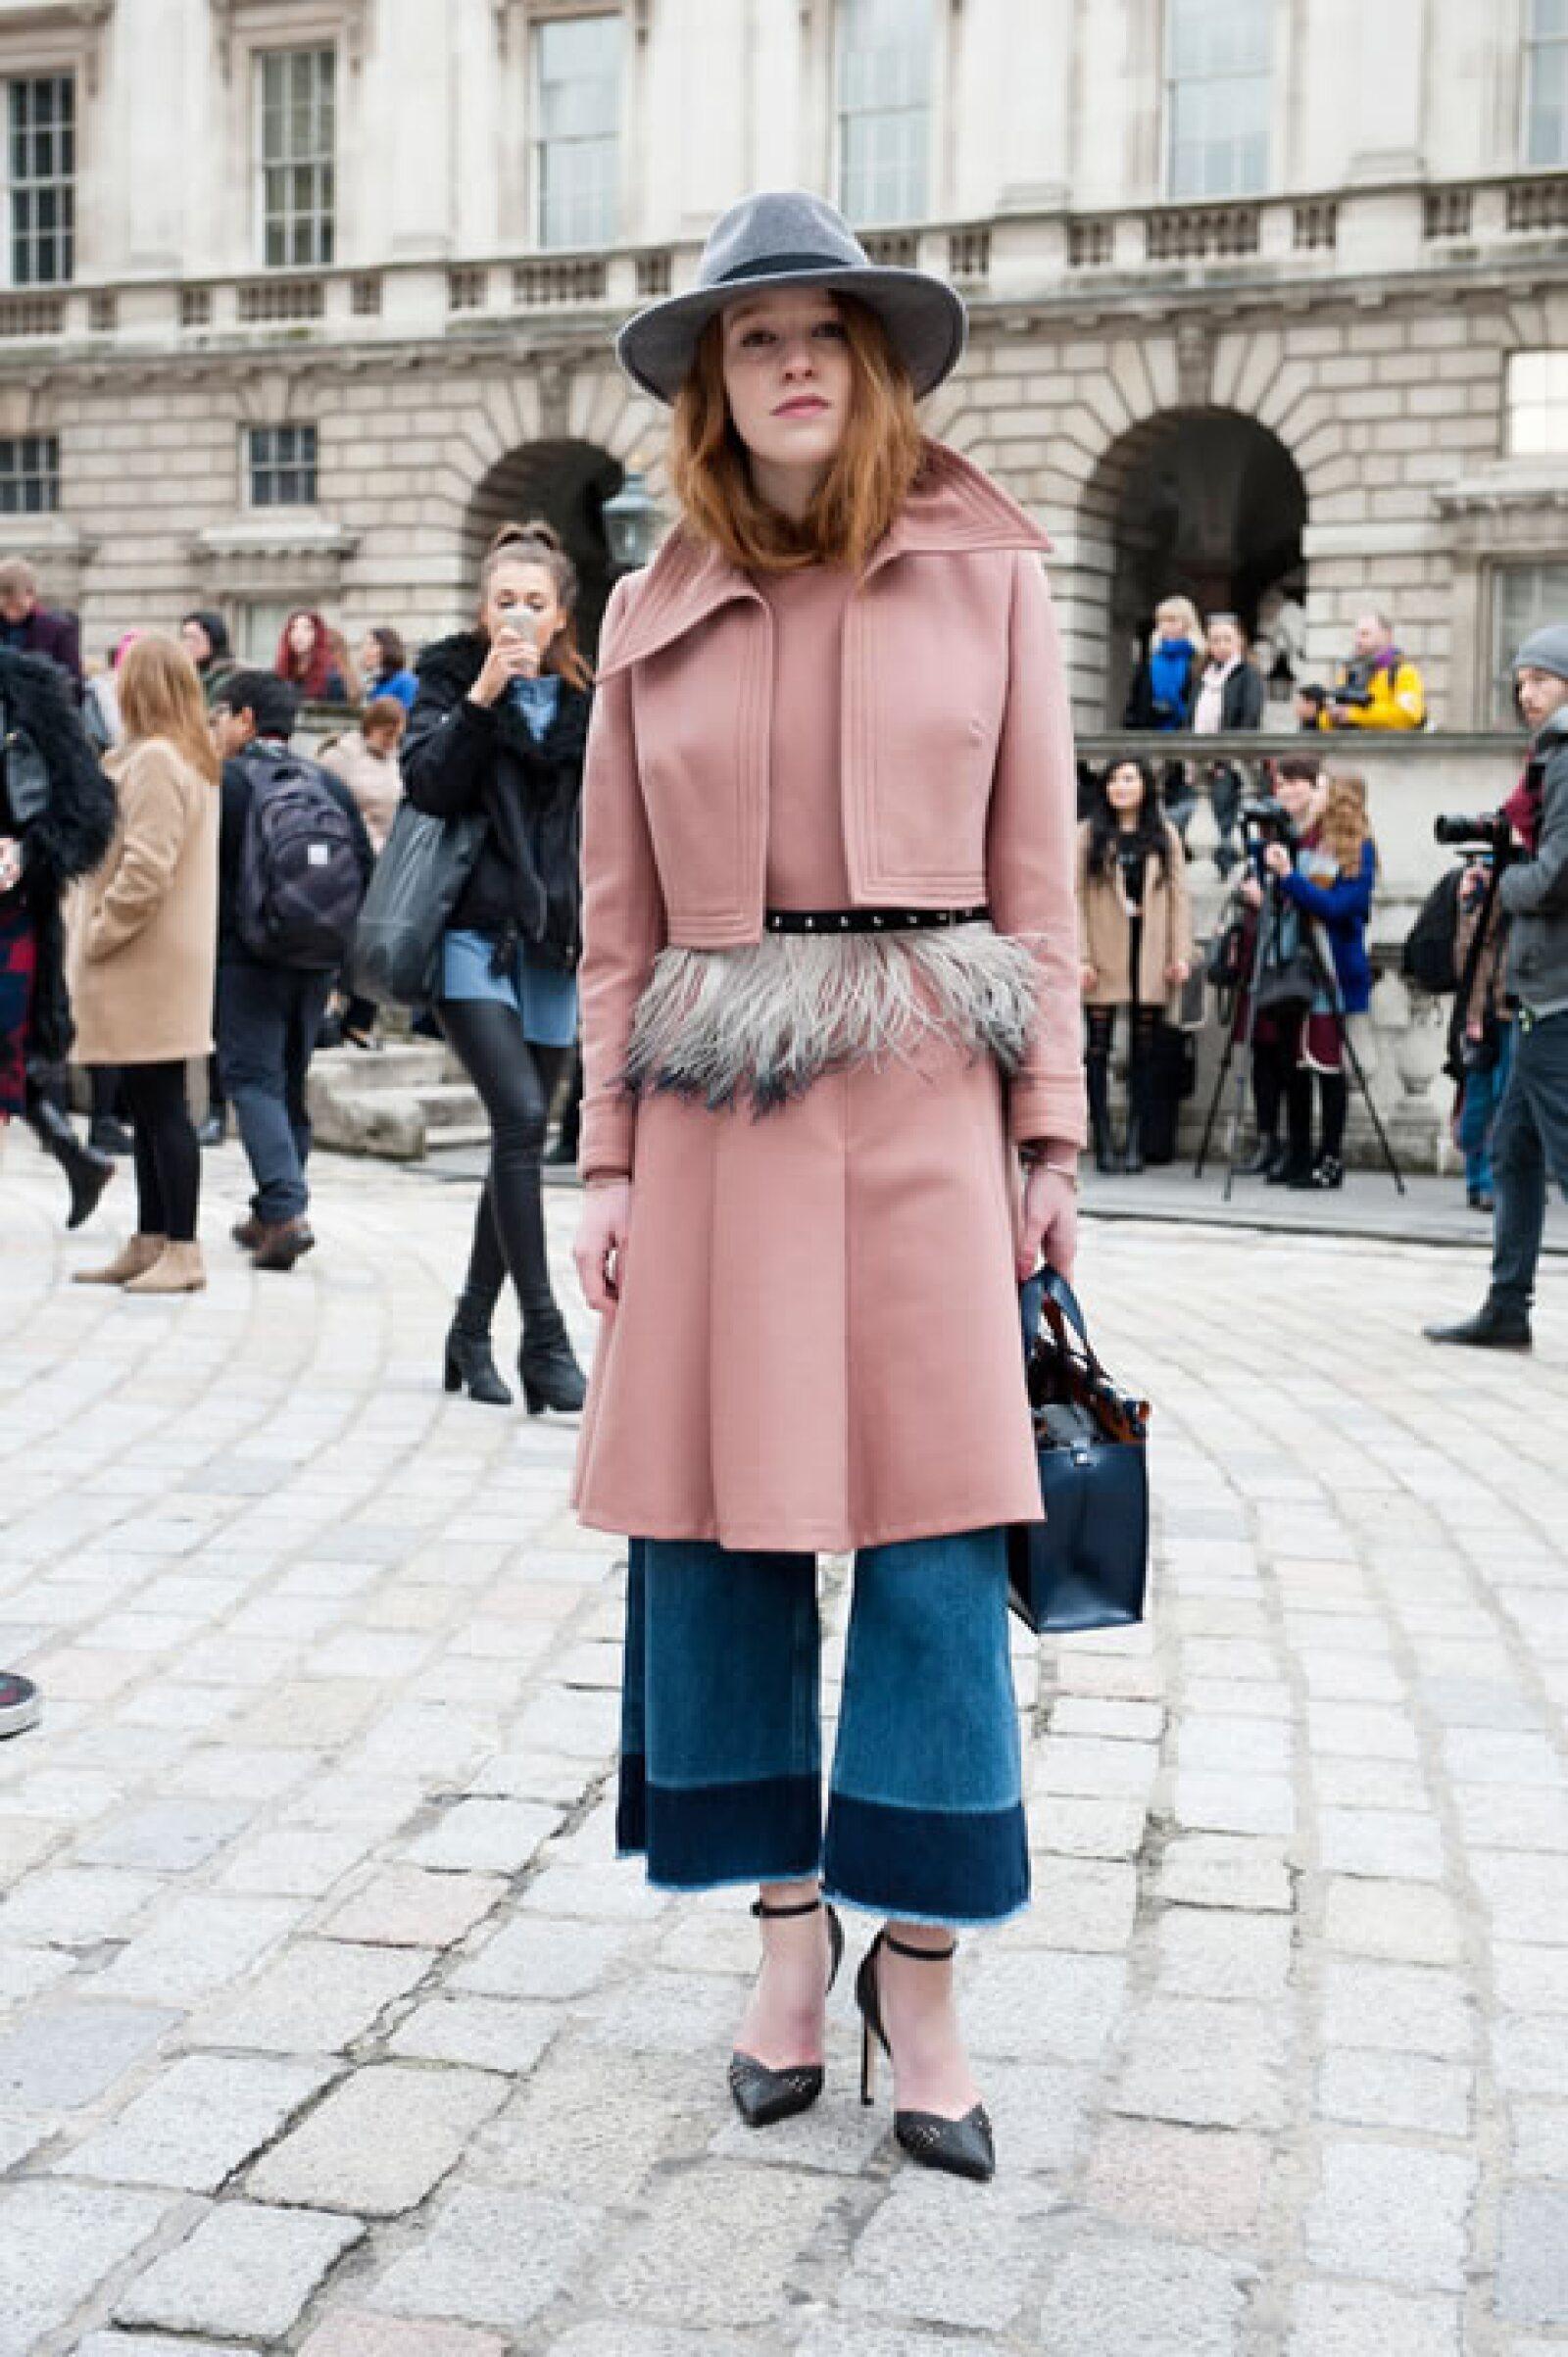 ¿Falda sobre culotte? Sí, este look sería uno de los consentidos de la Man Repeller.